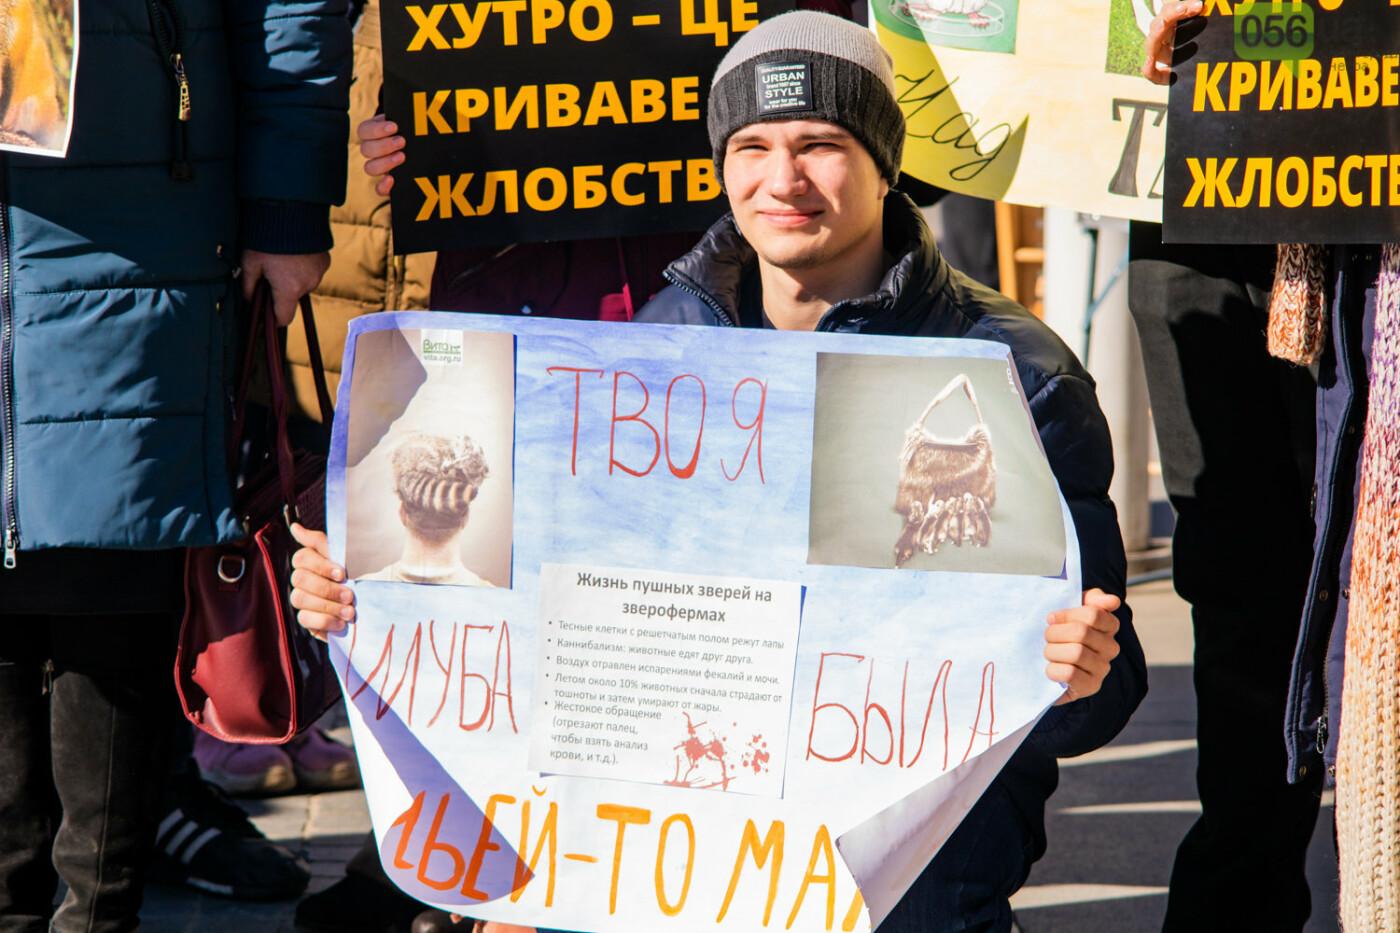 Полярная лиса, законопроект и кричащие плакаты: как в центре Днепра прошла антимеховая акция, - ФОТОРЕПОРТАЖ, ВИДЕО, фото-1